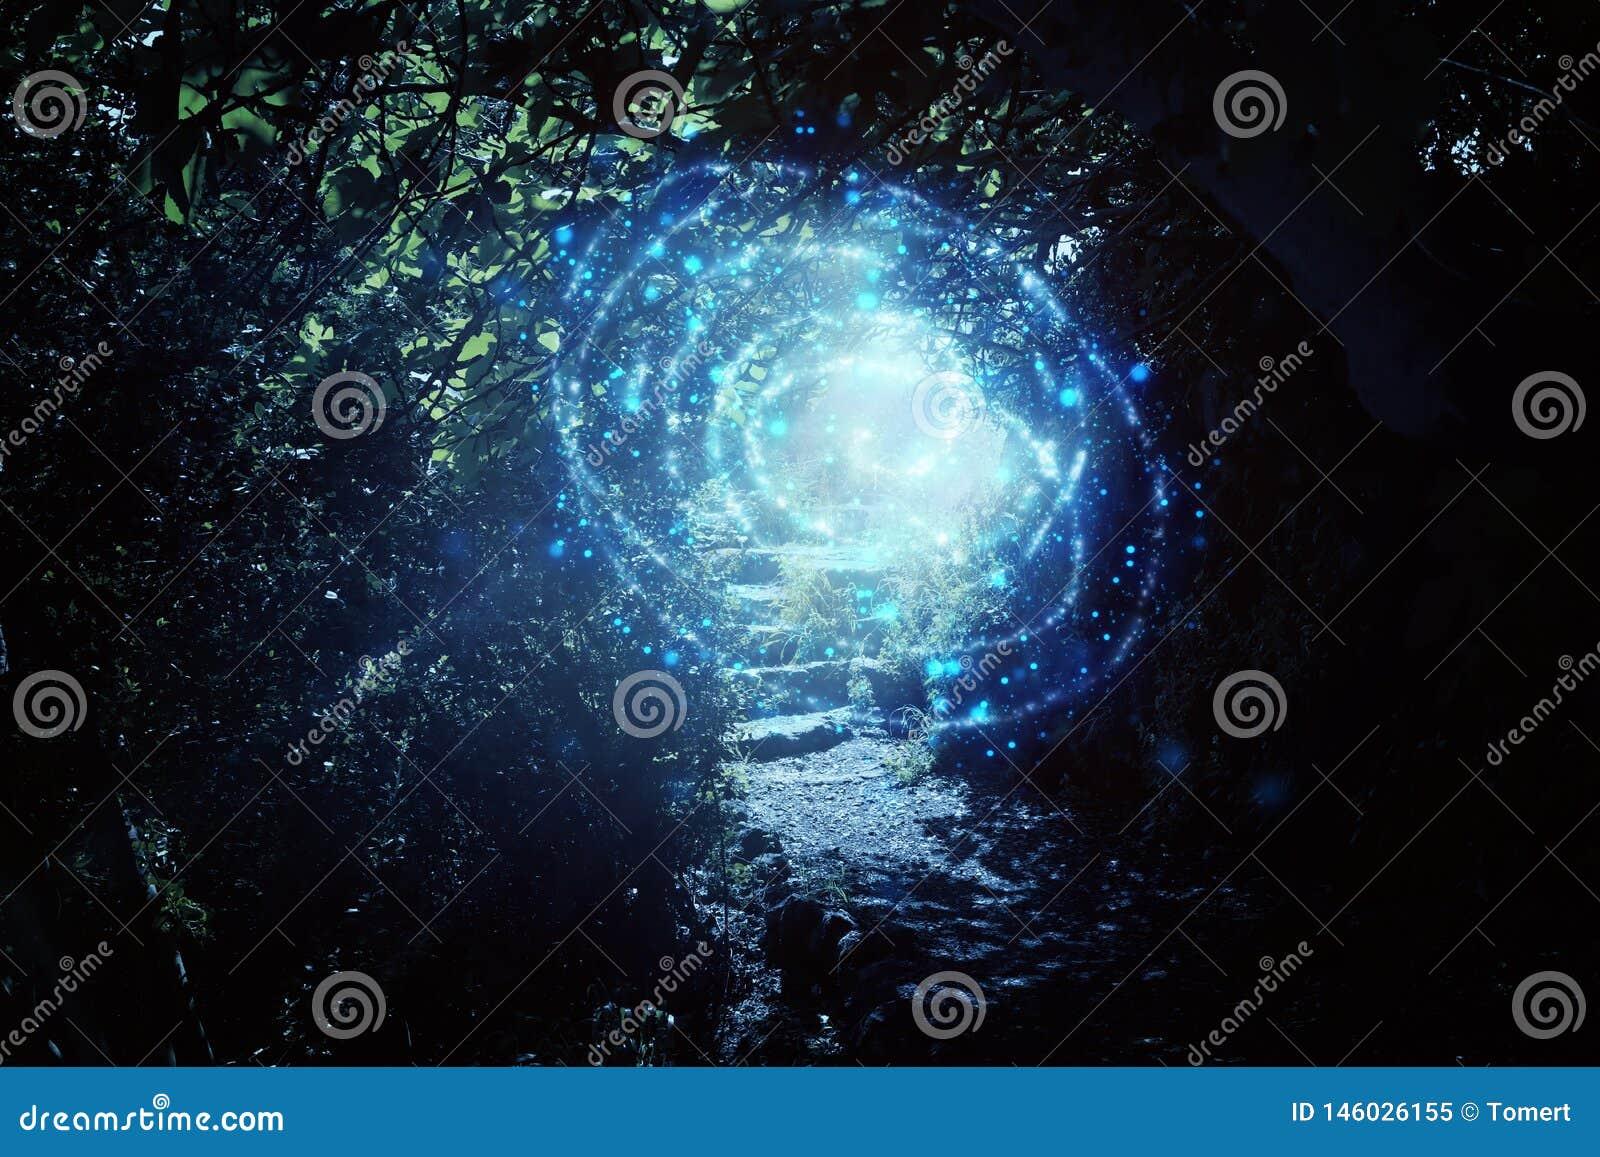 Estrada e escadas de pedra na floresta escura m?gica e misteriosa com luz m?stico e vaga-lume do sol Conceito do conto de fadas